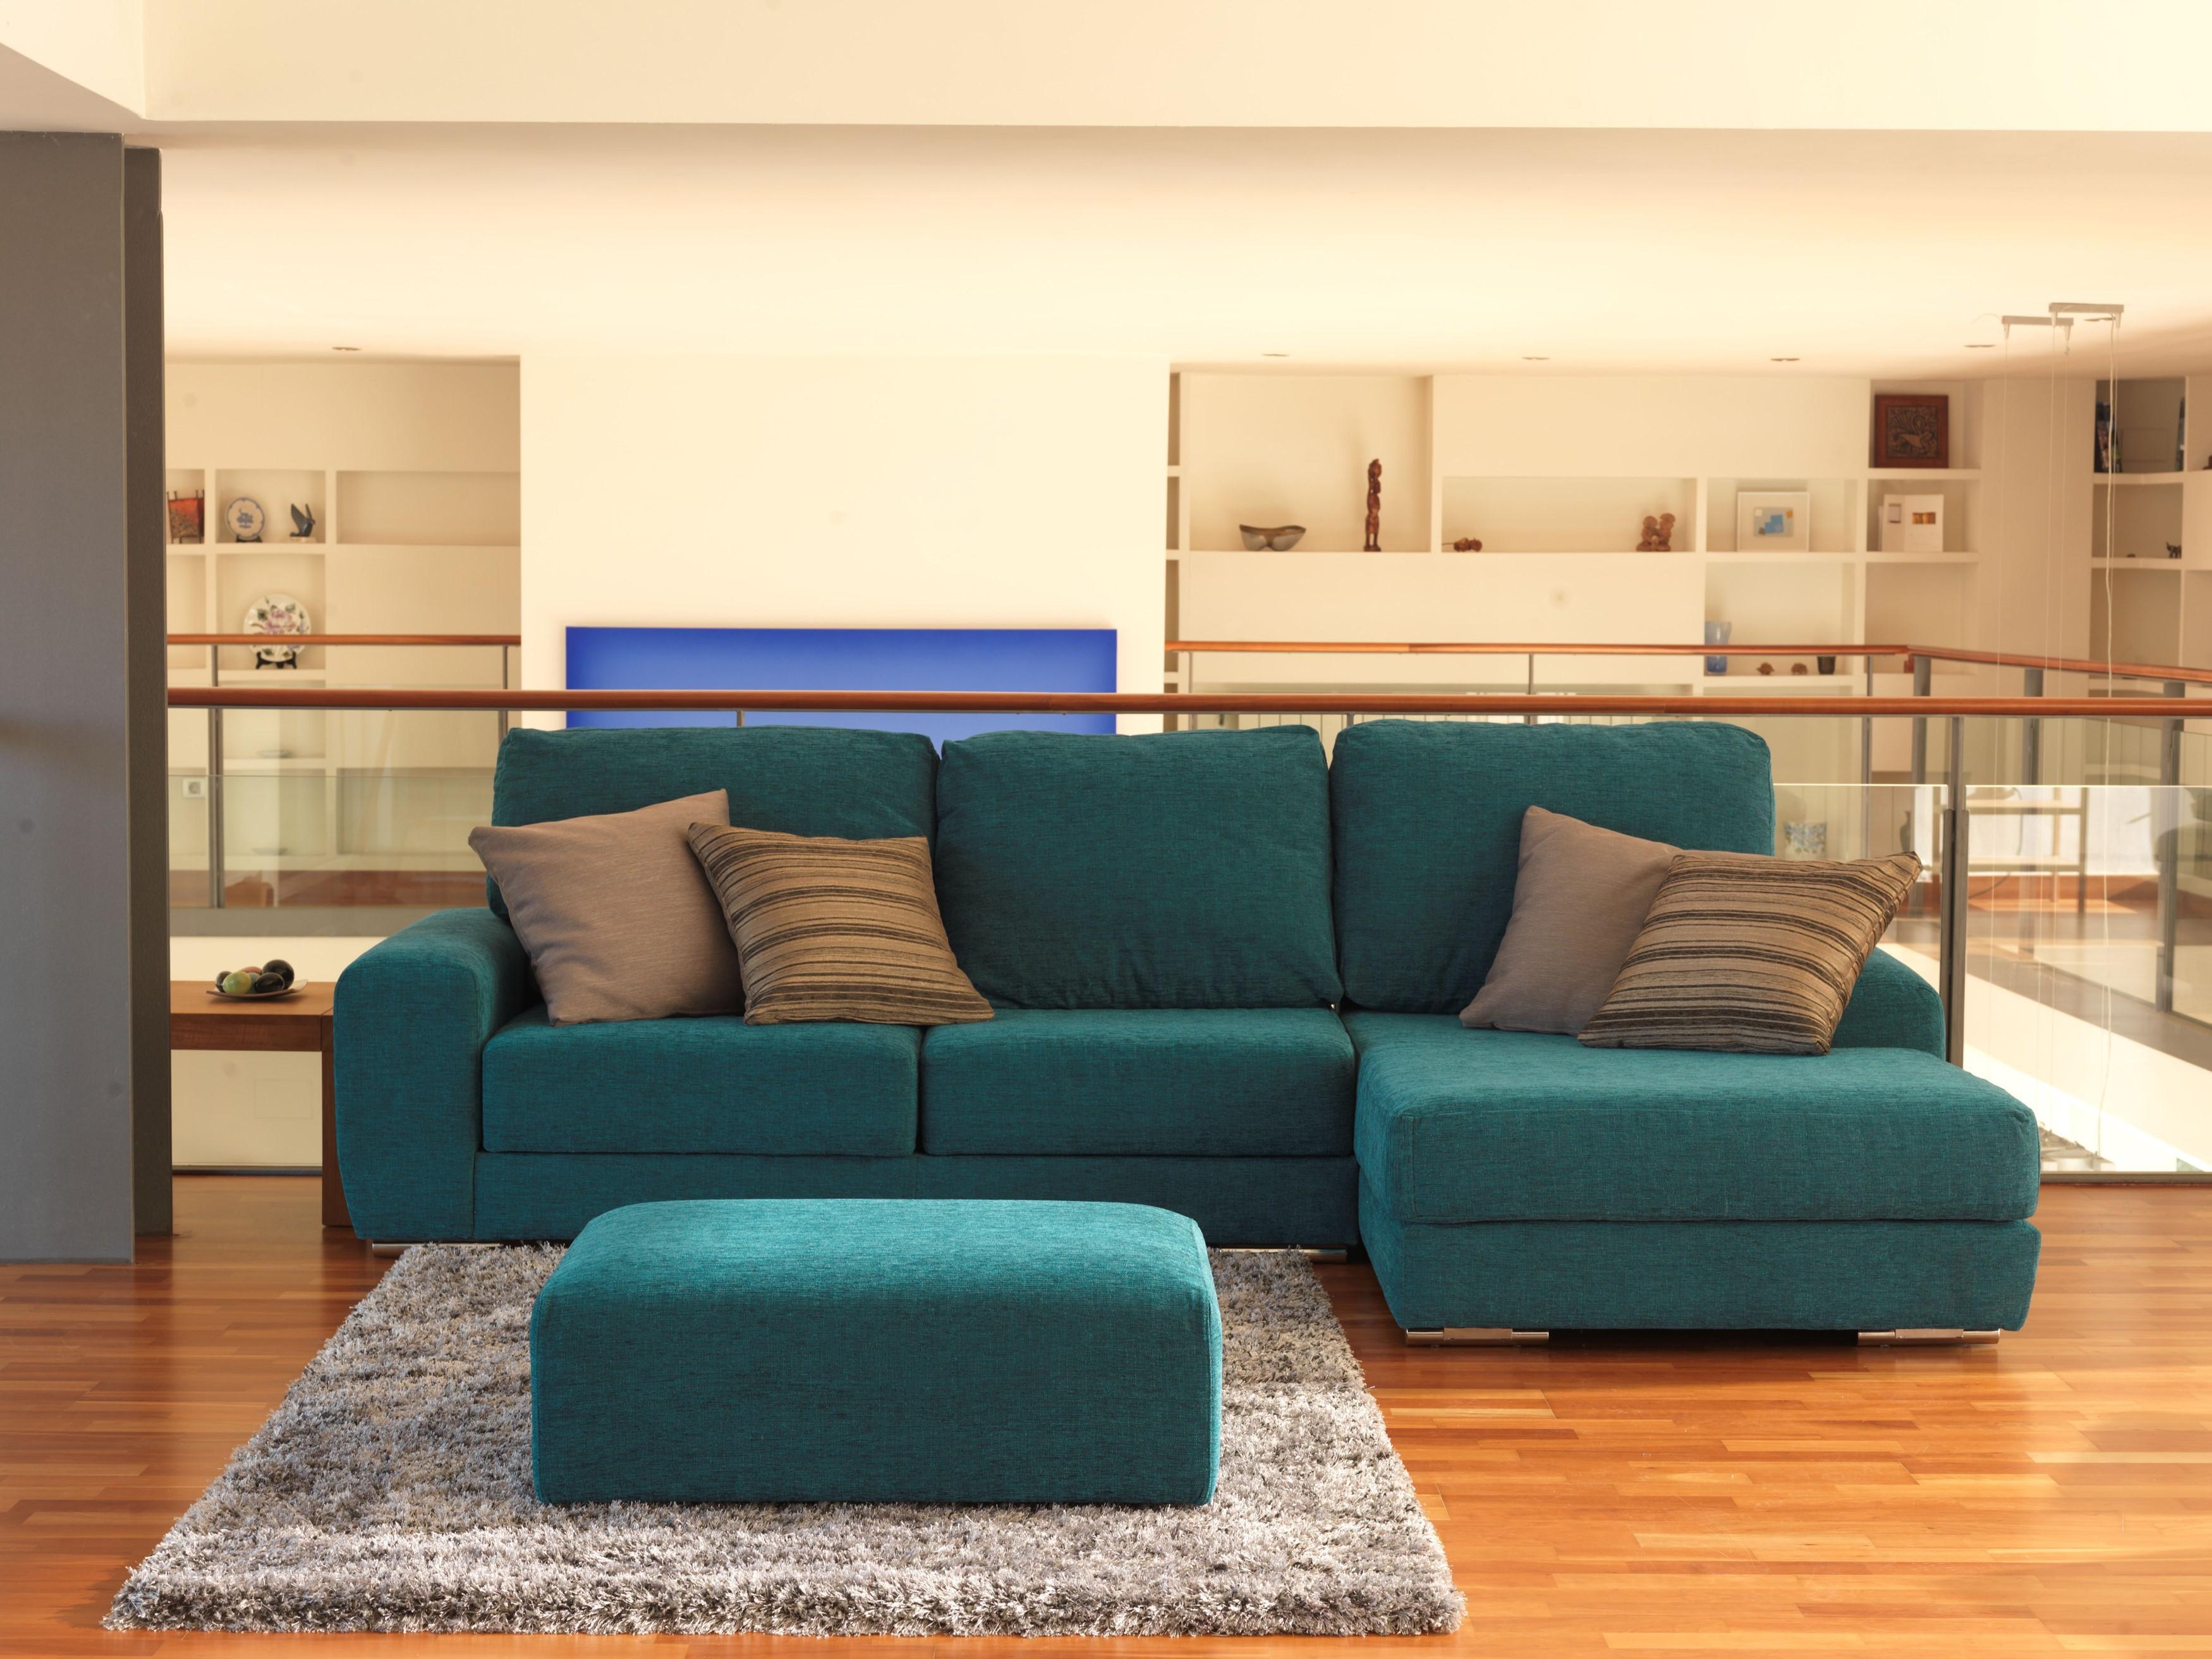 Canapé En Toile De Jute aquaclean | changer le tissu de votre canapé : des tendances